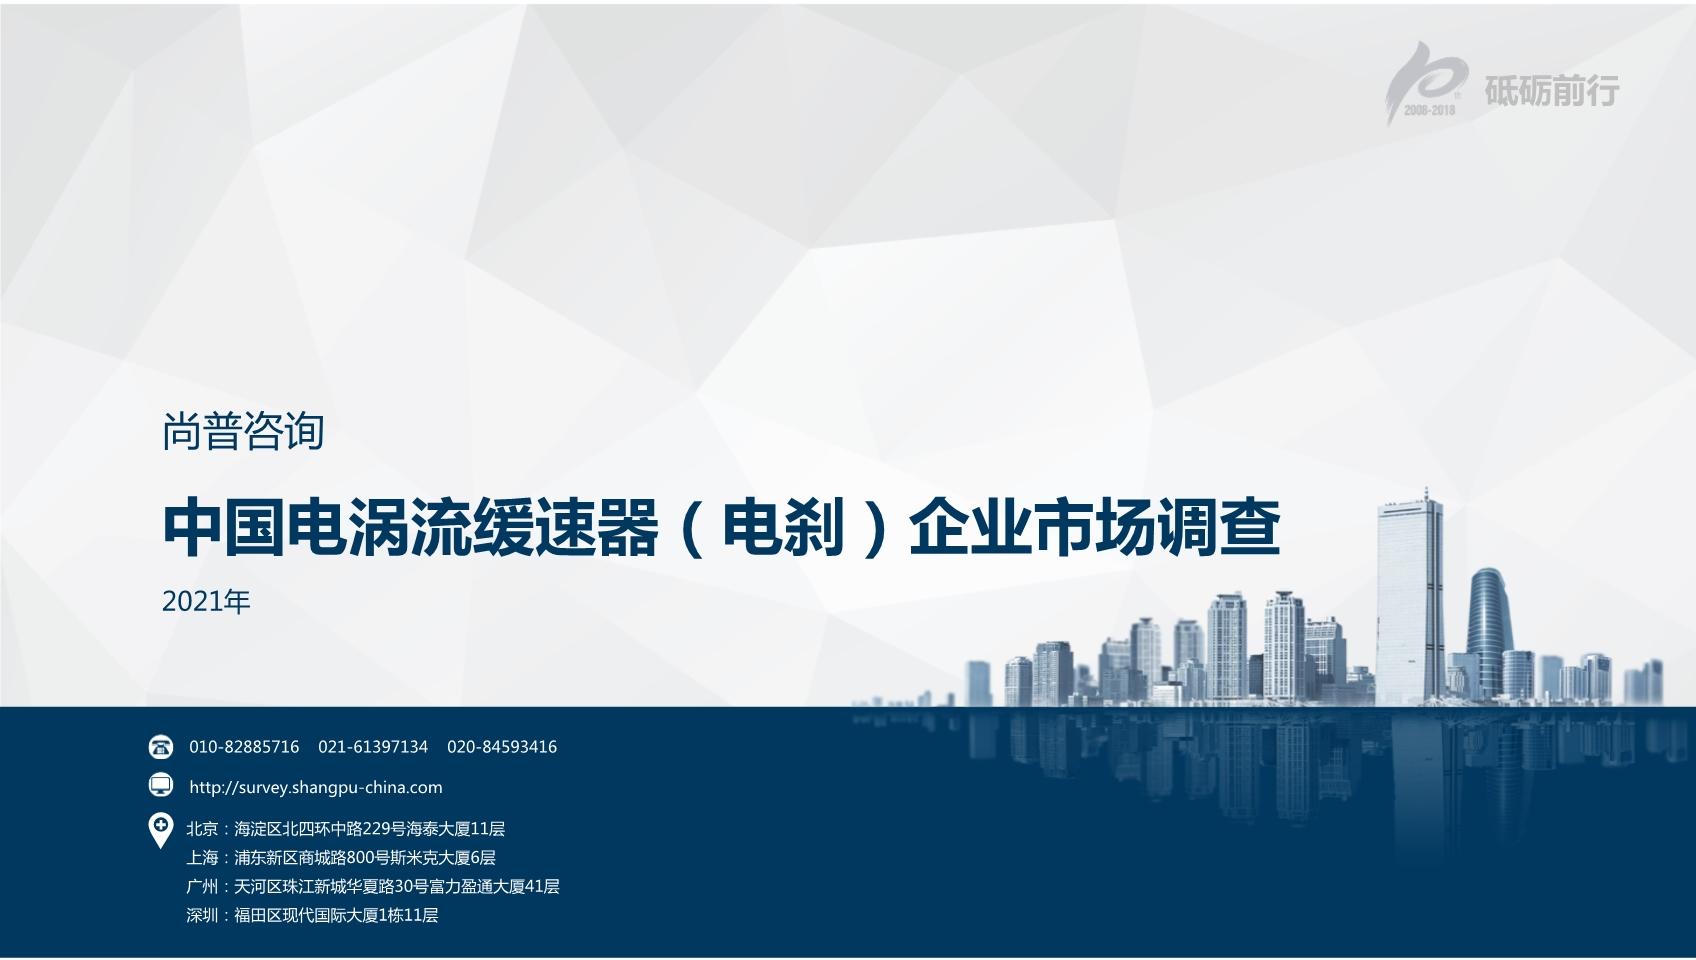 尚普咨询:2021年中国电涡流缓速器(电刹)企业市场调查